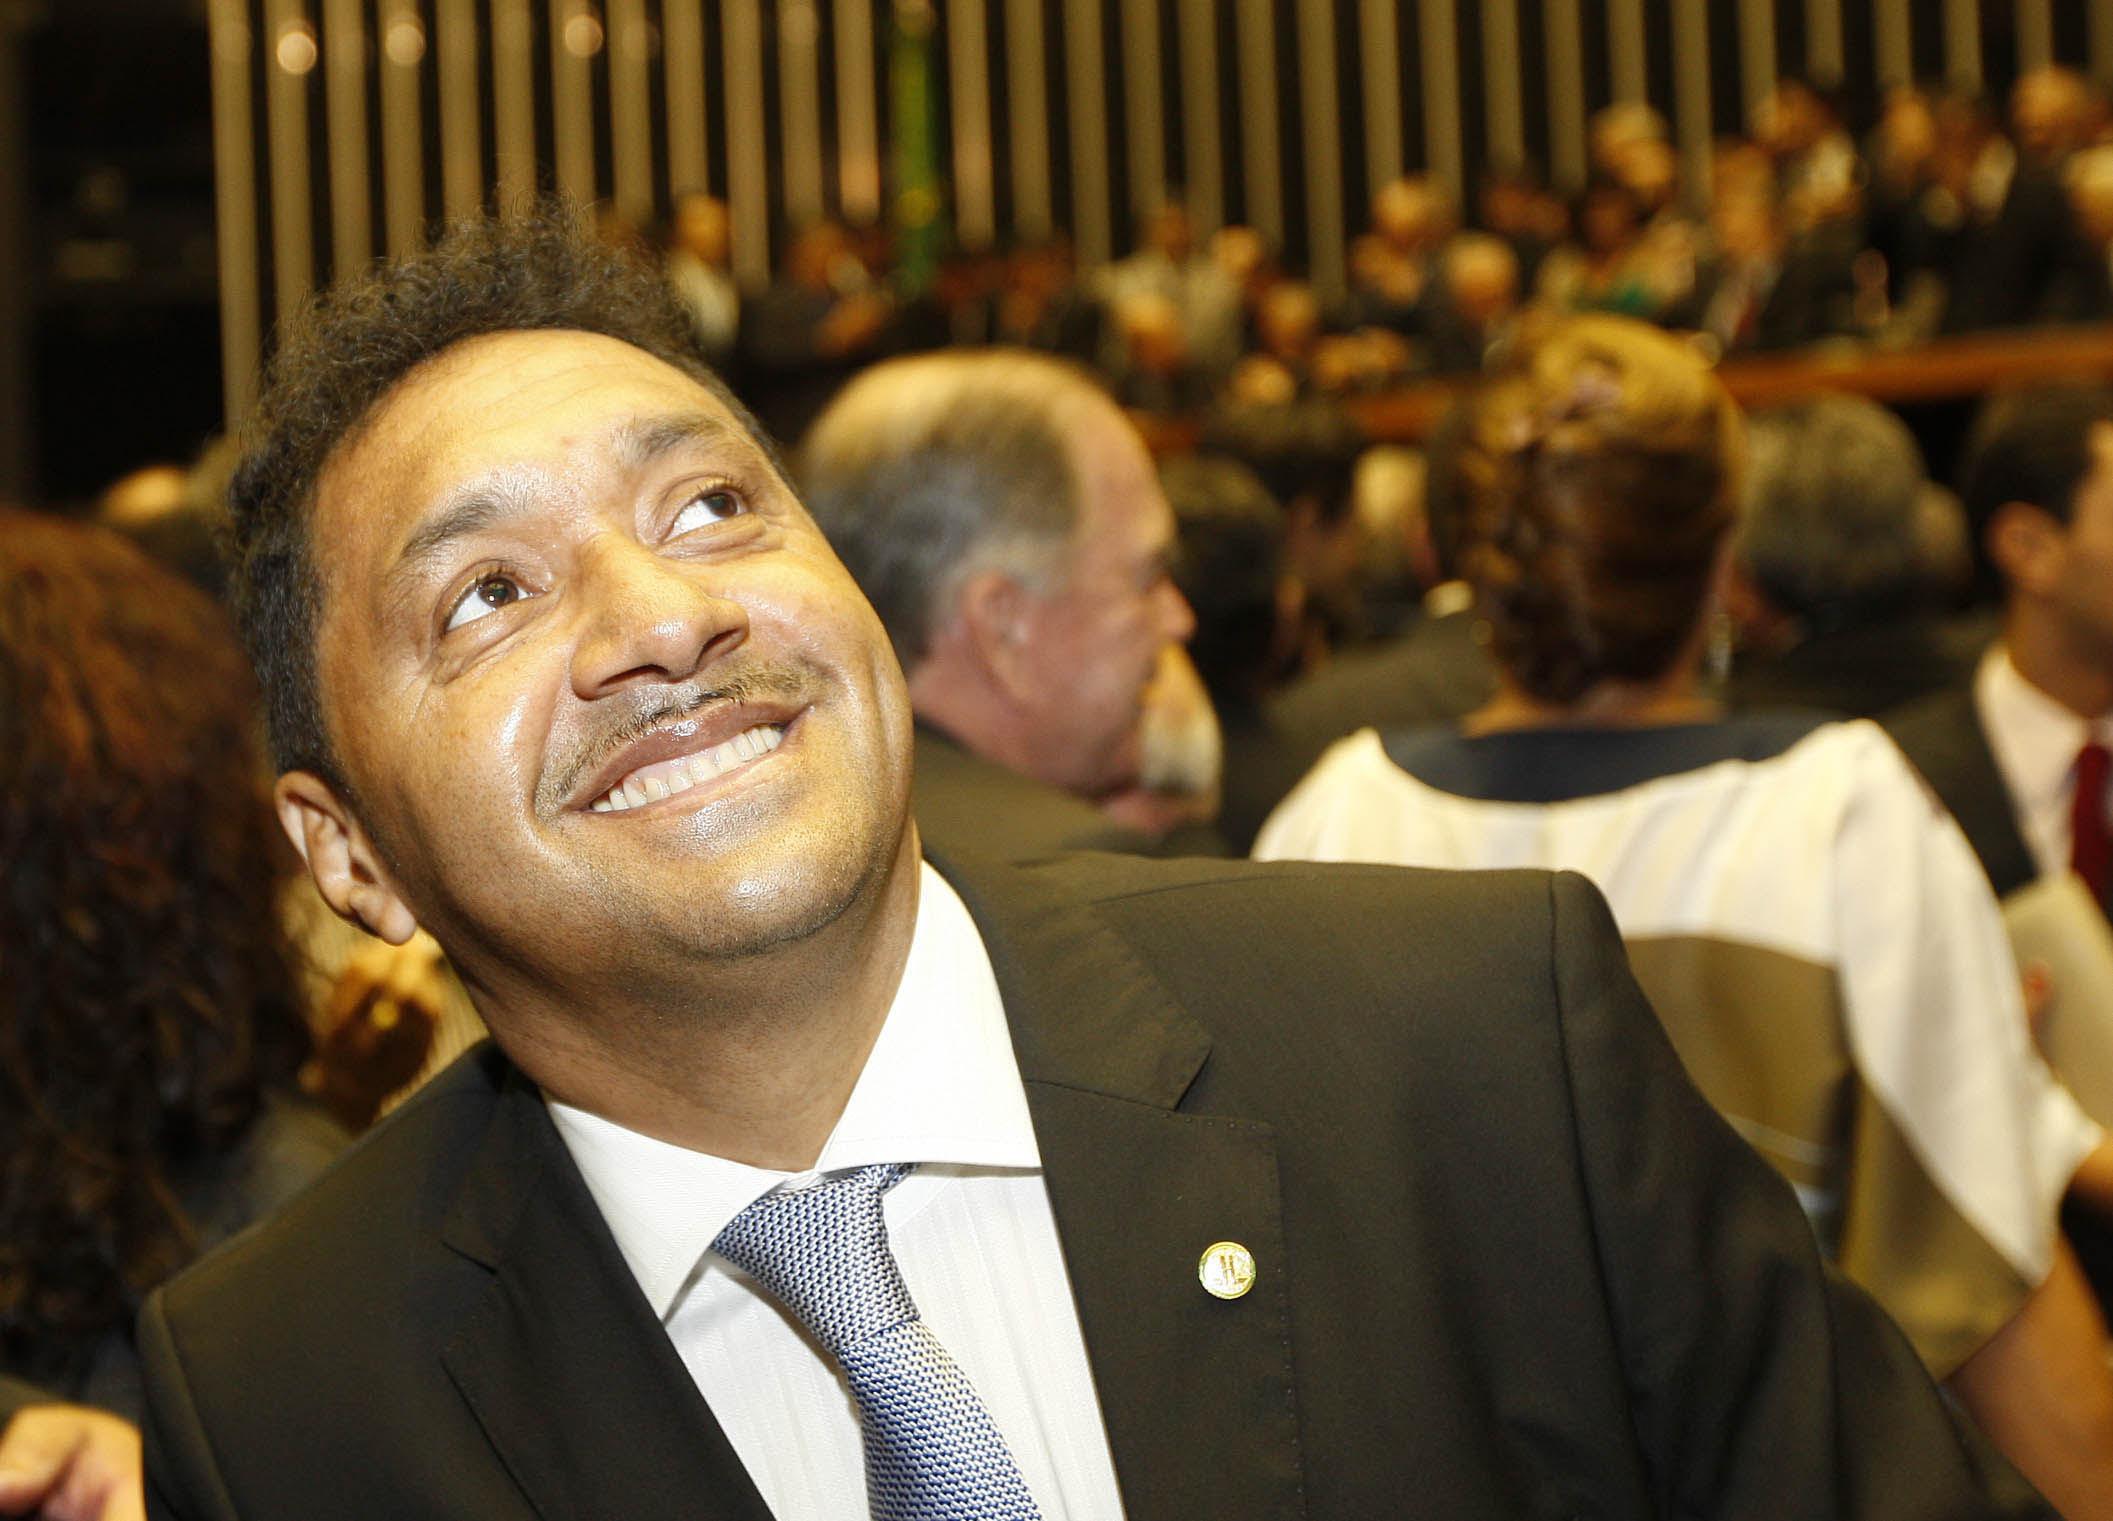 DF - ESCOLHA/MESA DIRETORA  - POLÍTICA - O deputado eleito Francisco Everardo Oliveira Silva (PR-SP), o palhaço Tiririca, chega para a escolha da Mesa Diretora, no plenário do Senado   Federal, no Congresso Nacional, em Brasília (DF), nesta terça-feira.   01/02/2011 - Foto: CRISTIANO BORGES/O POPULAR/AE